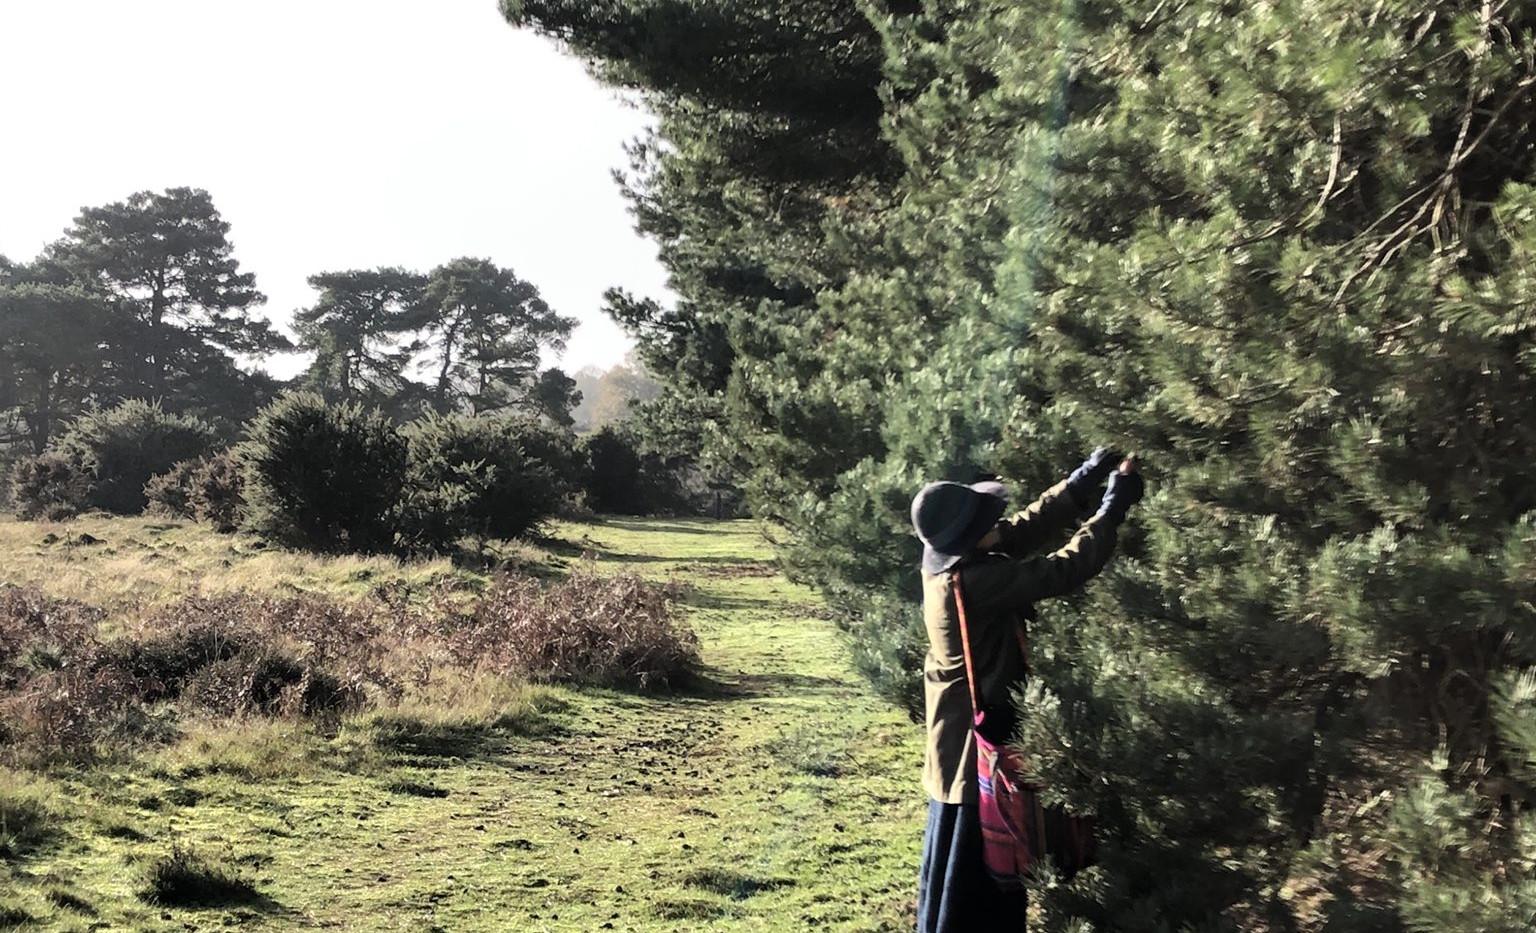 picking greenery